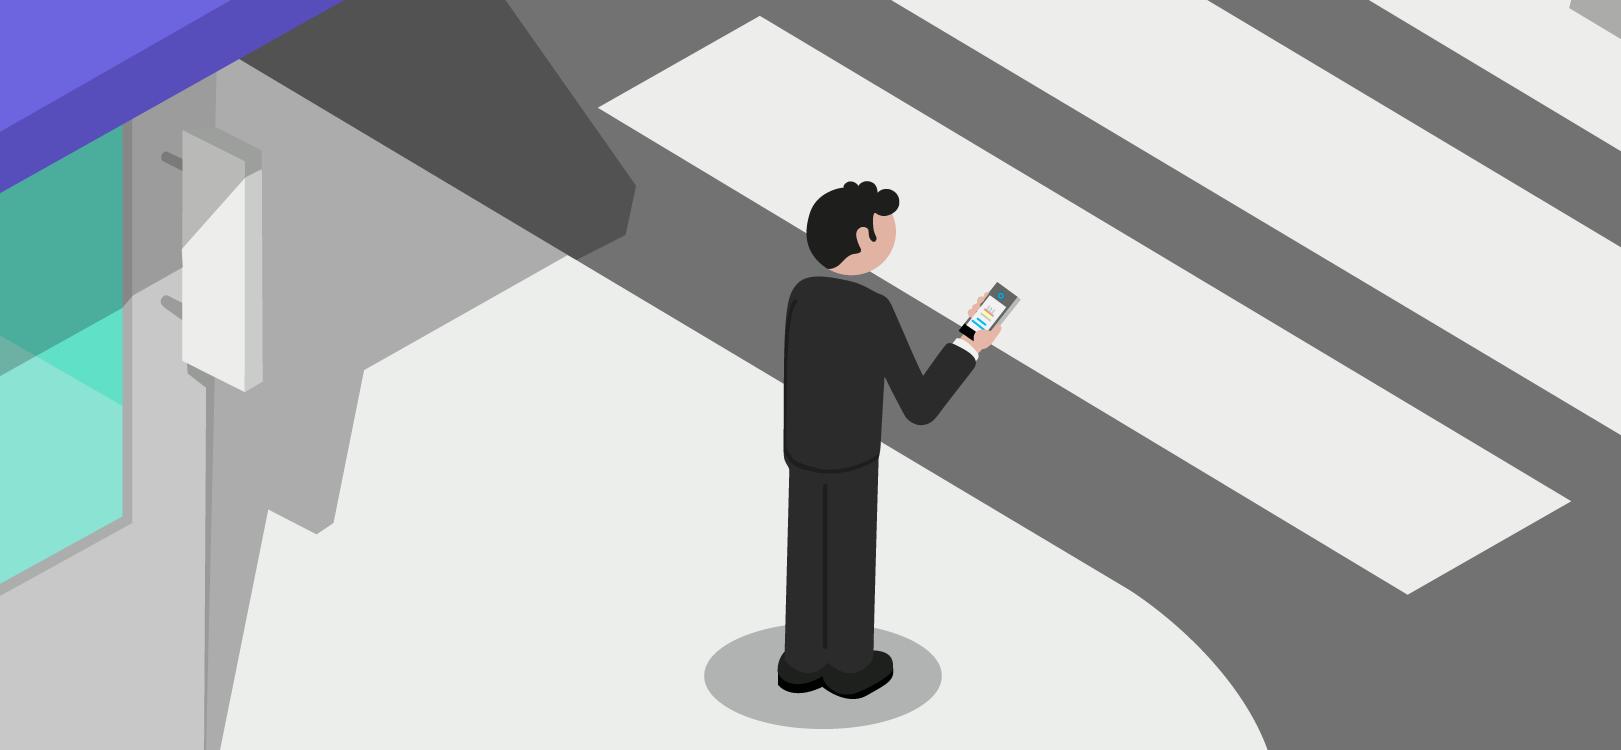 Mann auf einem Bürgersteig sieht ein Handy an